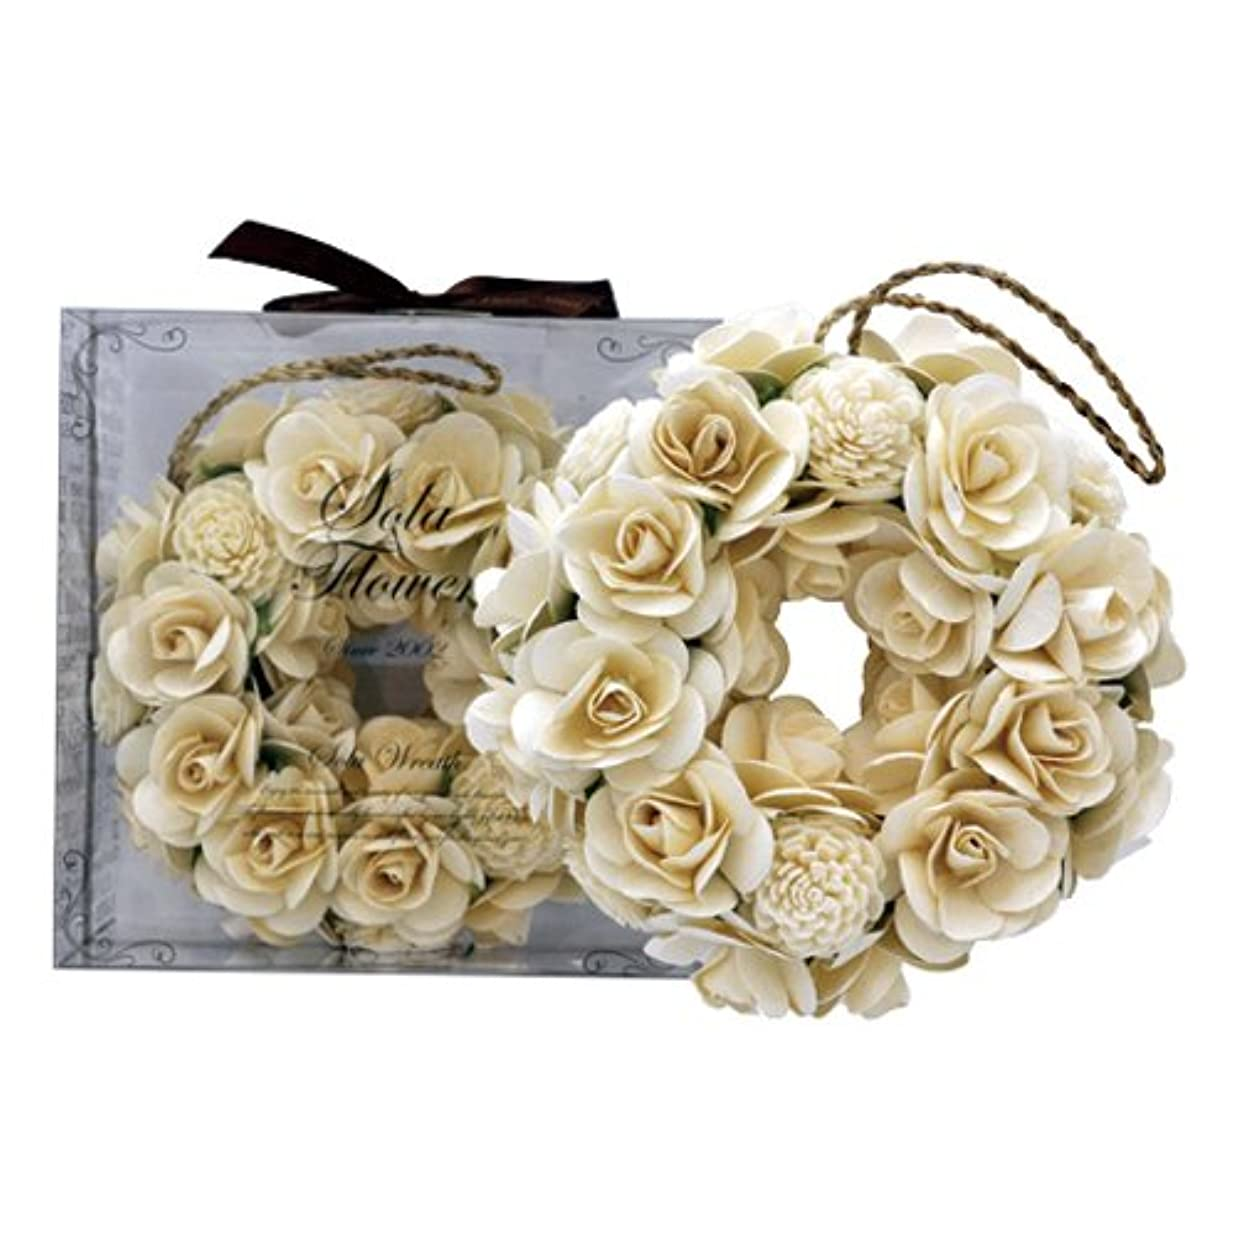 泣き叫ぶ不振追記new Sola Flower ソラフラワー リース Sweet Dahlia スウィートダリア Wreath